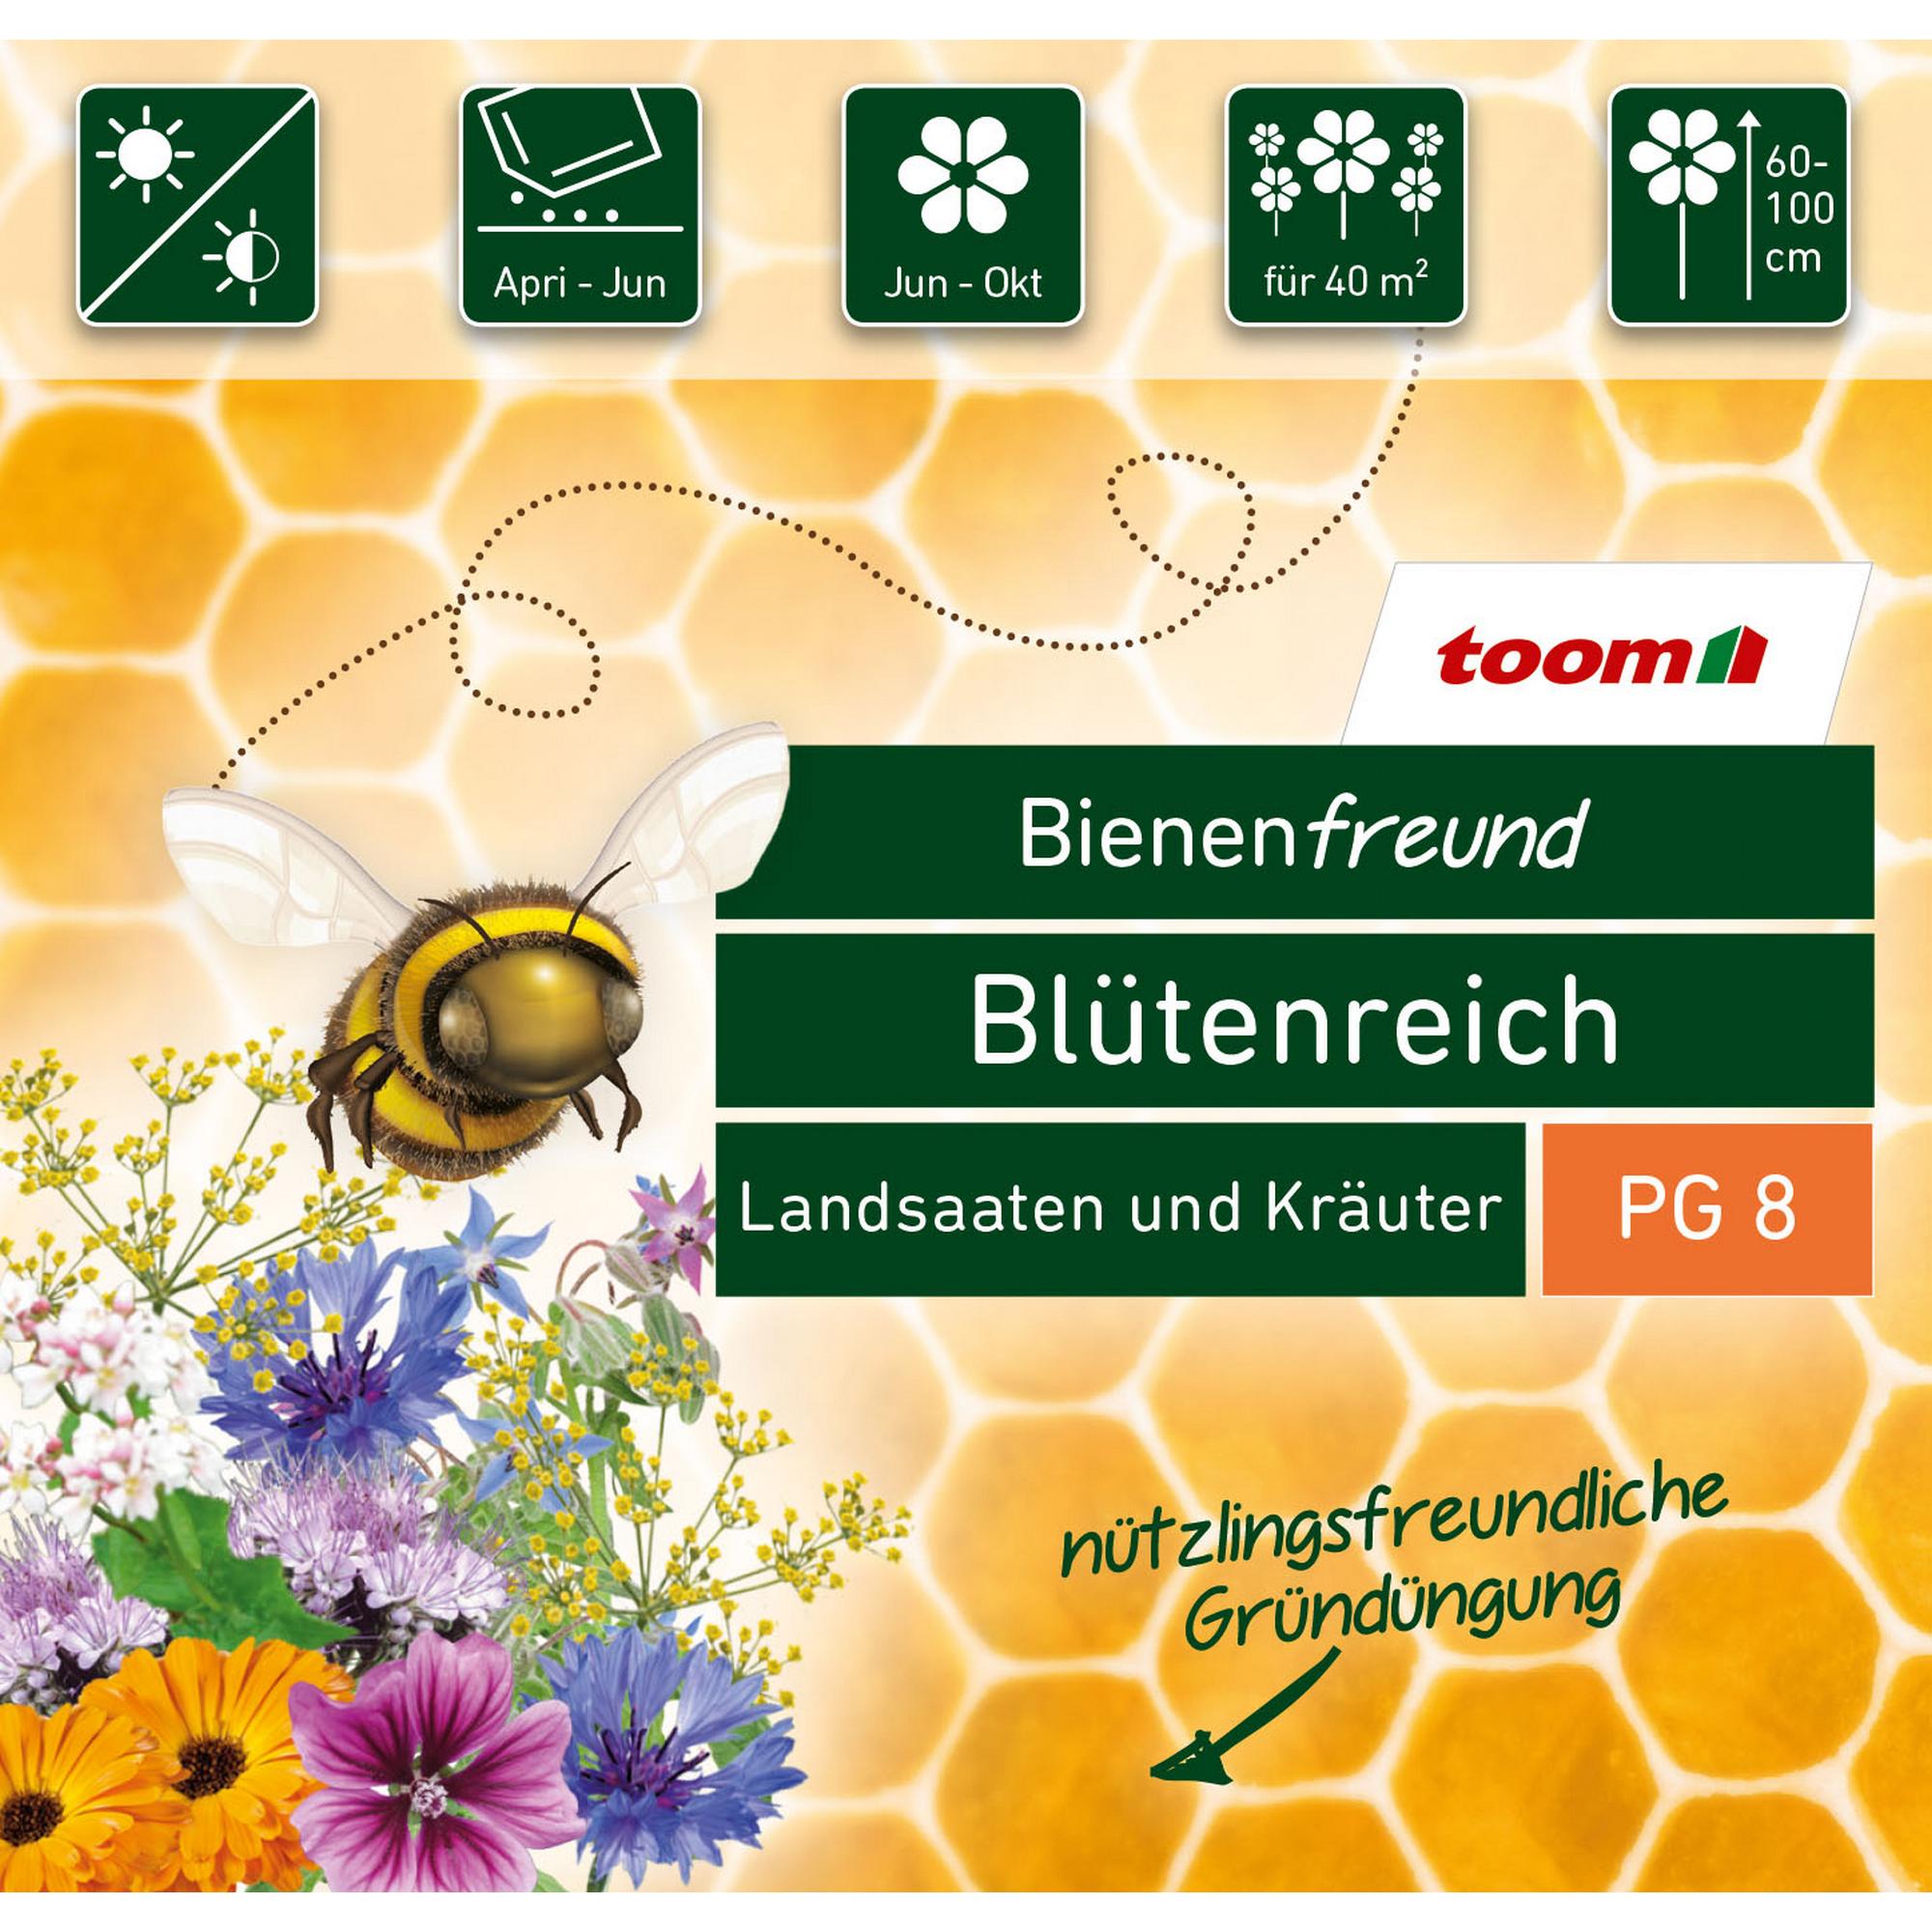 toom Bienenfreund Blumen- und Kräutermischung 'Blütenreich'